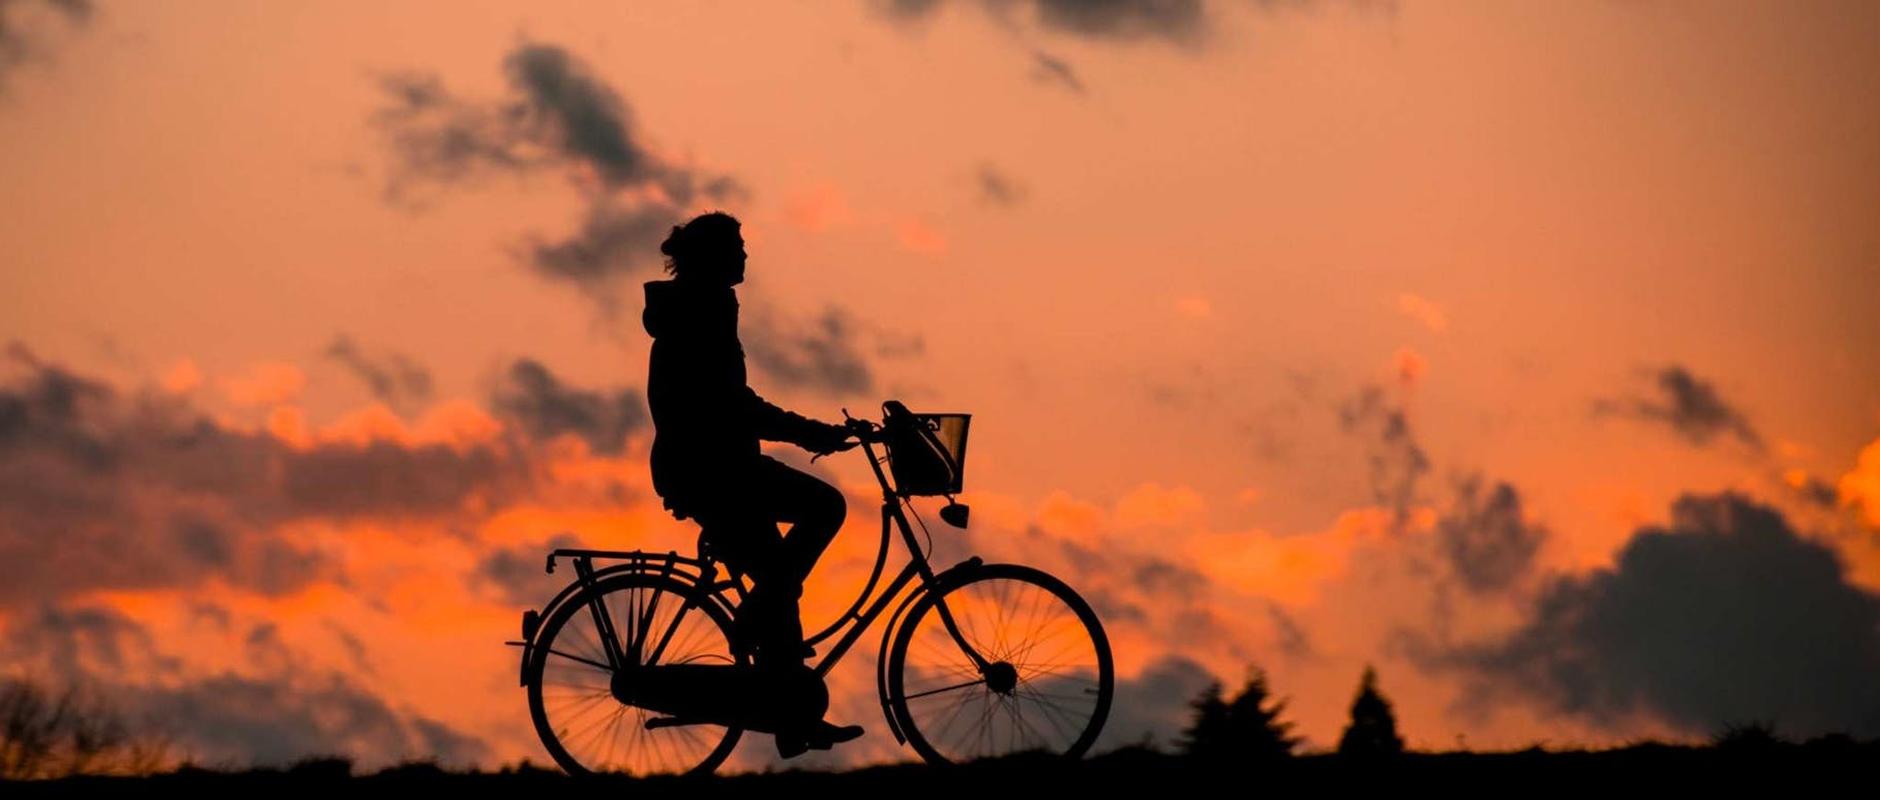 poster image 10 raisons d'aller au boulot à vélo dès aujourd'hui. Diminuer les risques de maladies. - 10 raisons d'aller au boulot à vélo dès aujourd'hui.